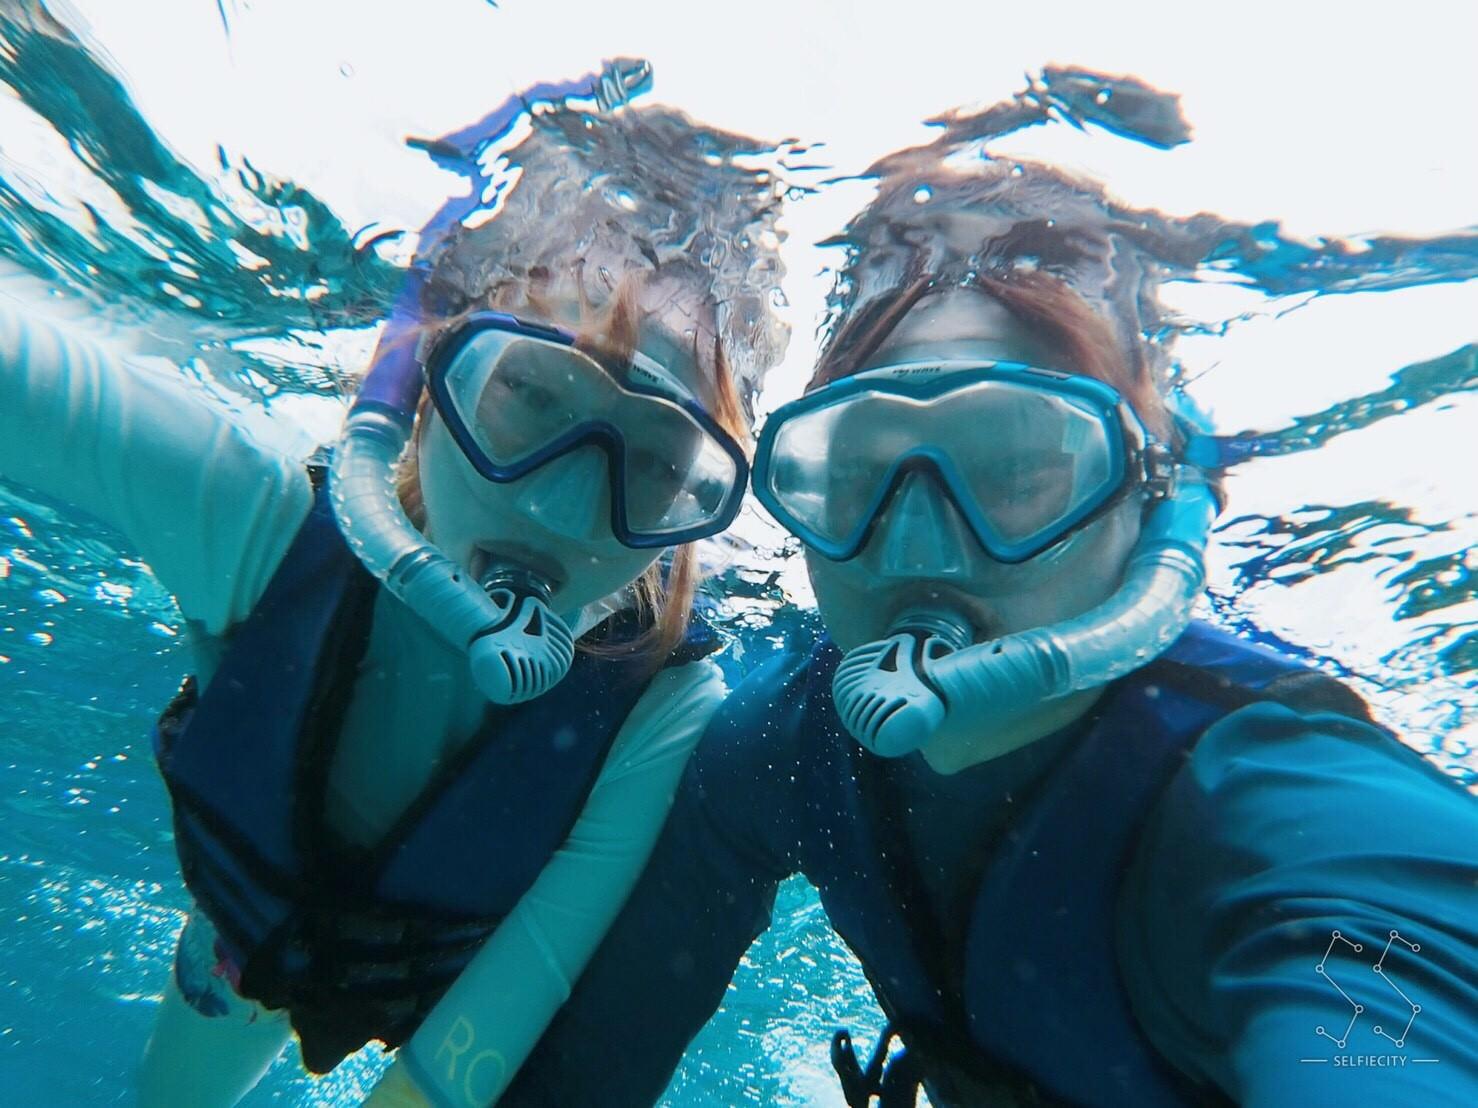 宿霧薄荷島人氣行程Park 2♥海豚遊蹤+巴里卡薩大斷層浮潛+Henann Resort Alona Beach令人超驚豔的泳池戲水趣(≧∇≦)/